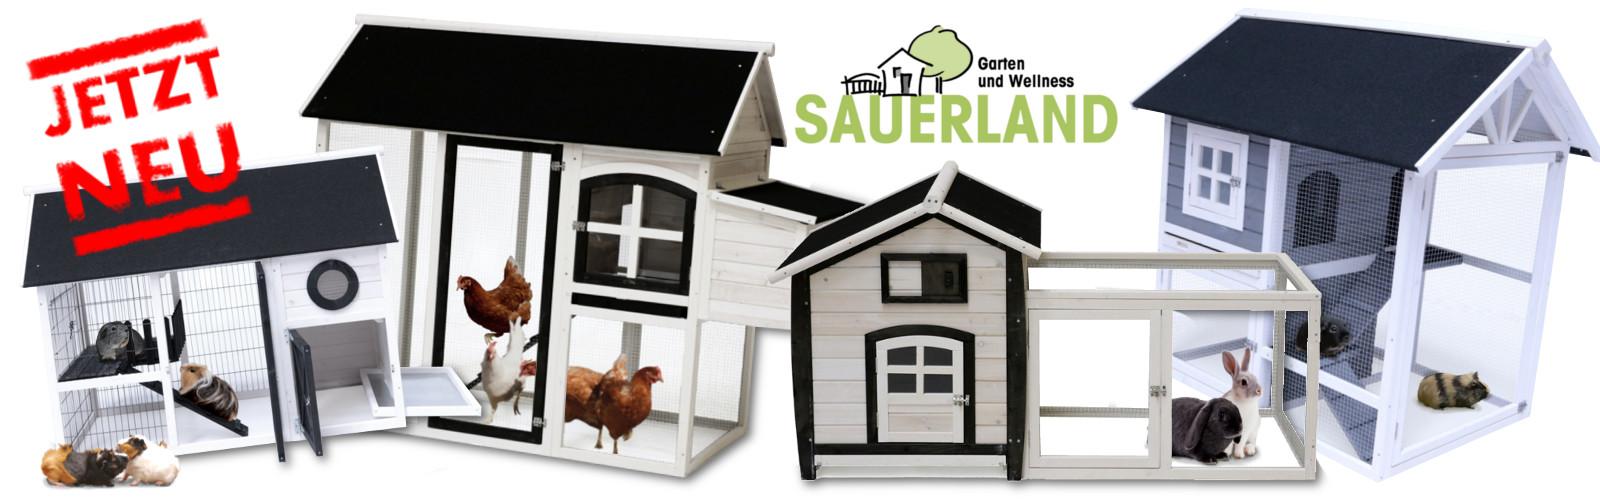 NEU! Kleintiergehege mit Auslauf / Hühnerstall bei SAUERLAND